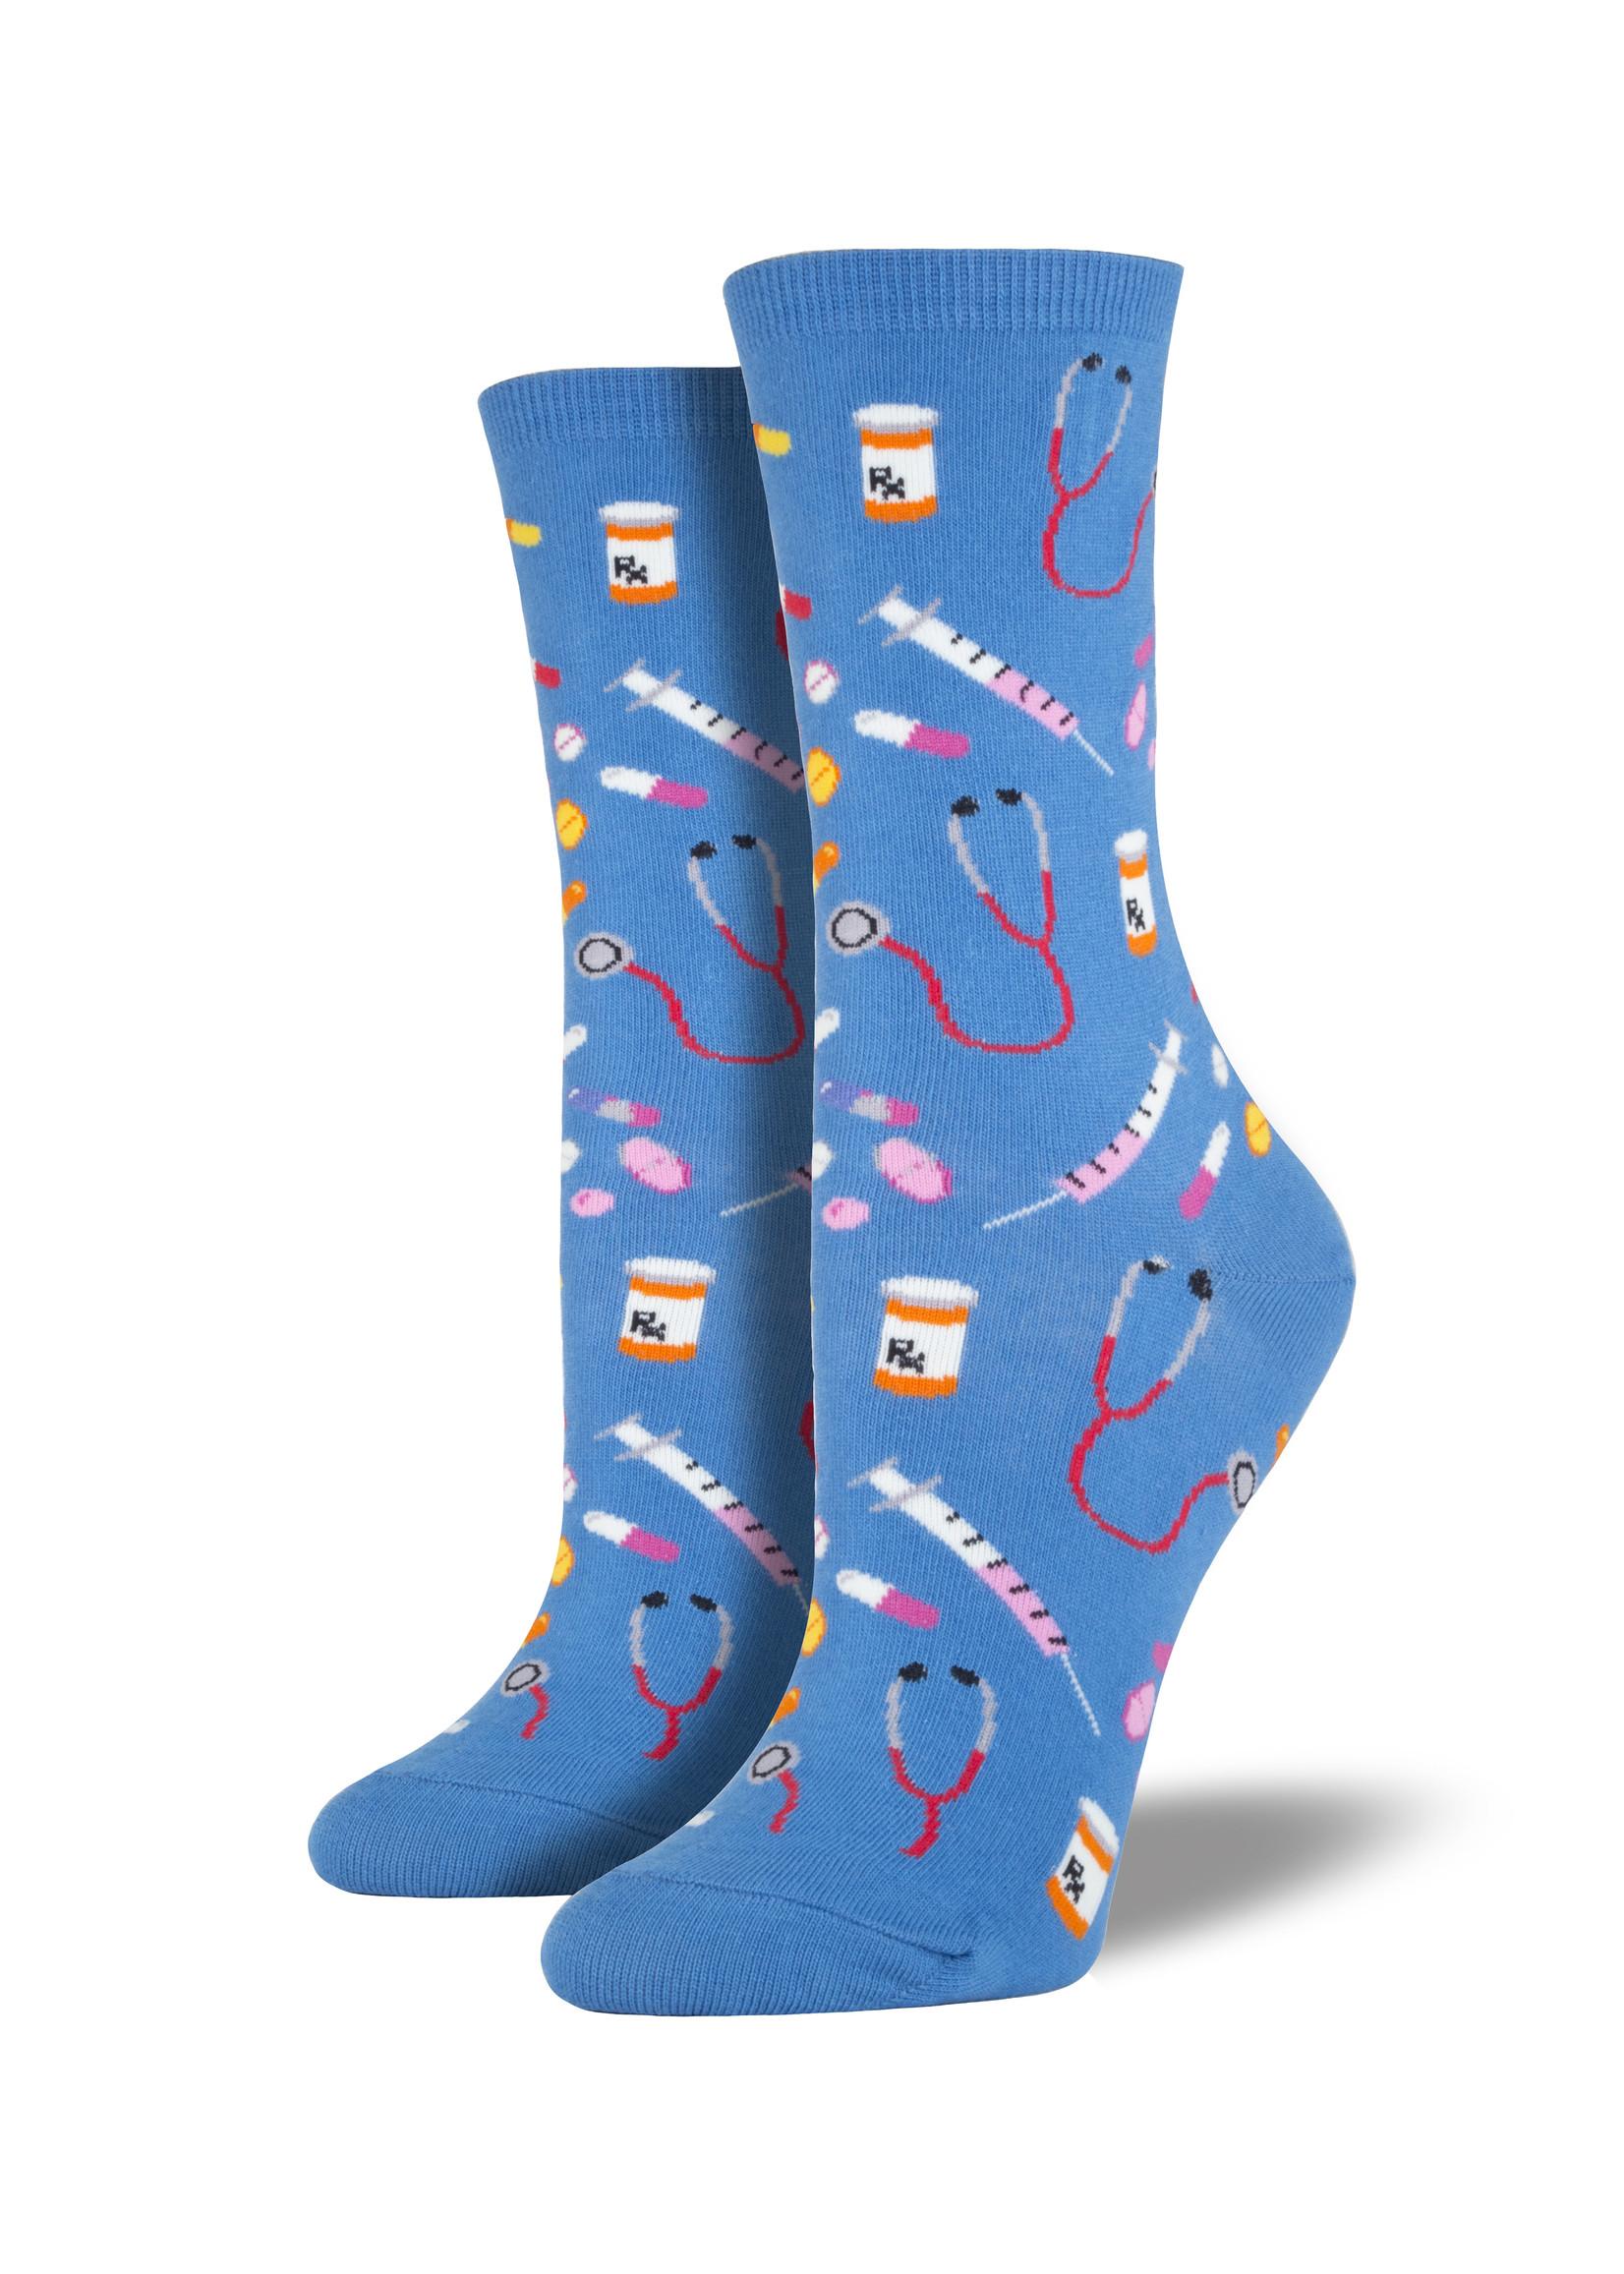 Socksmith Canada Inc WOMEN'S MEDS SOCKS